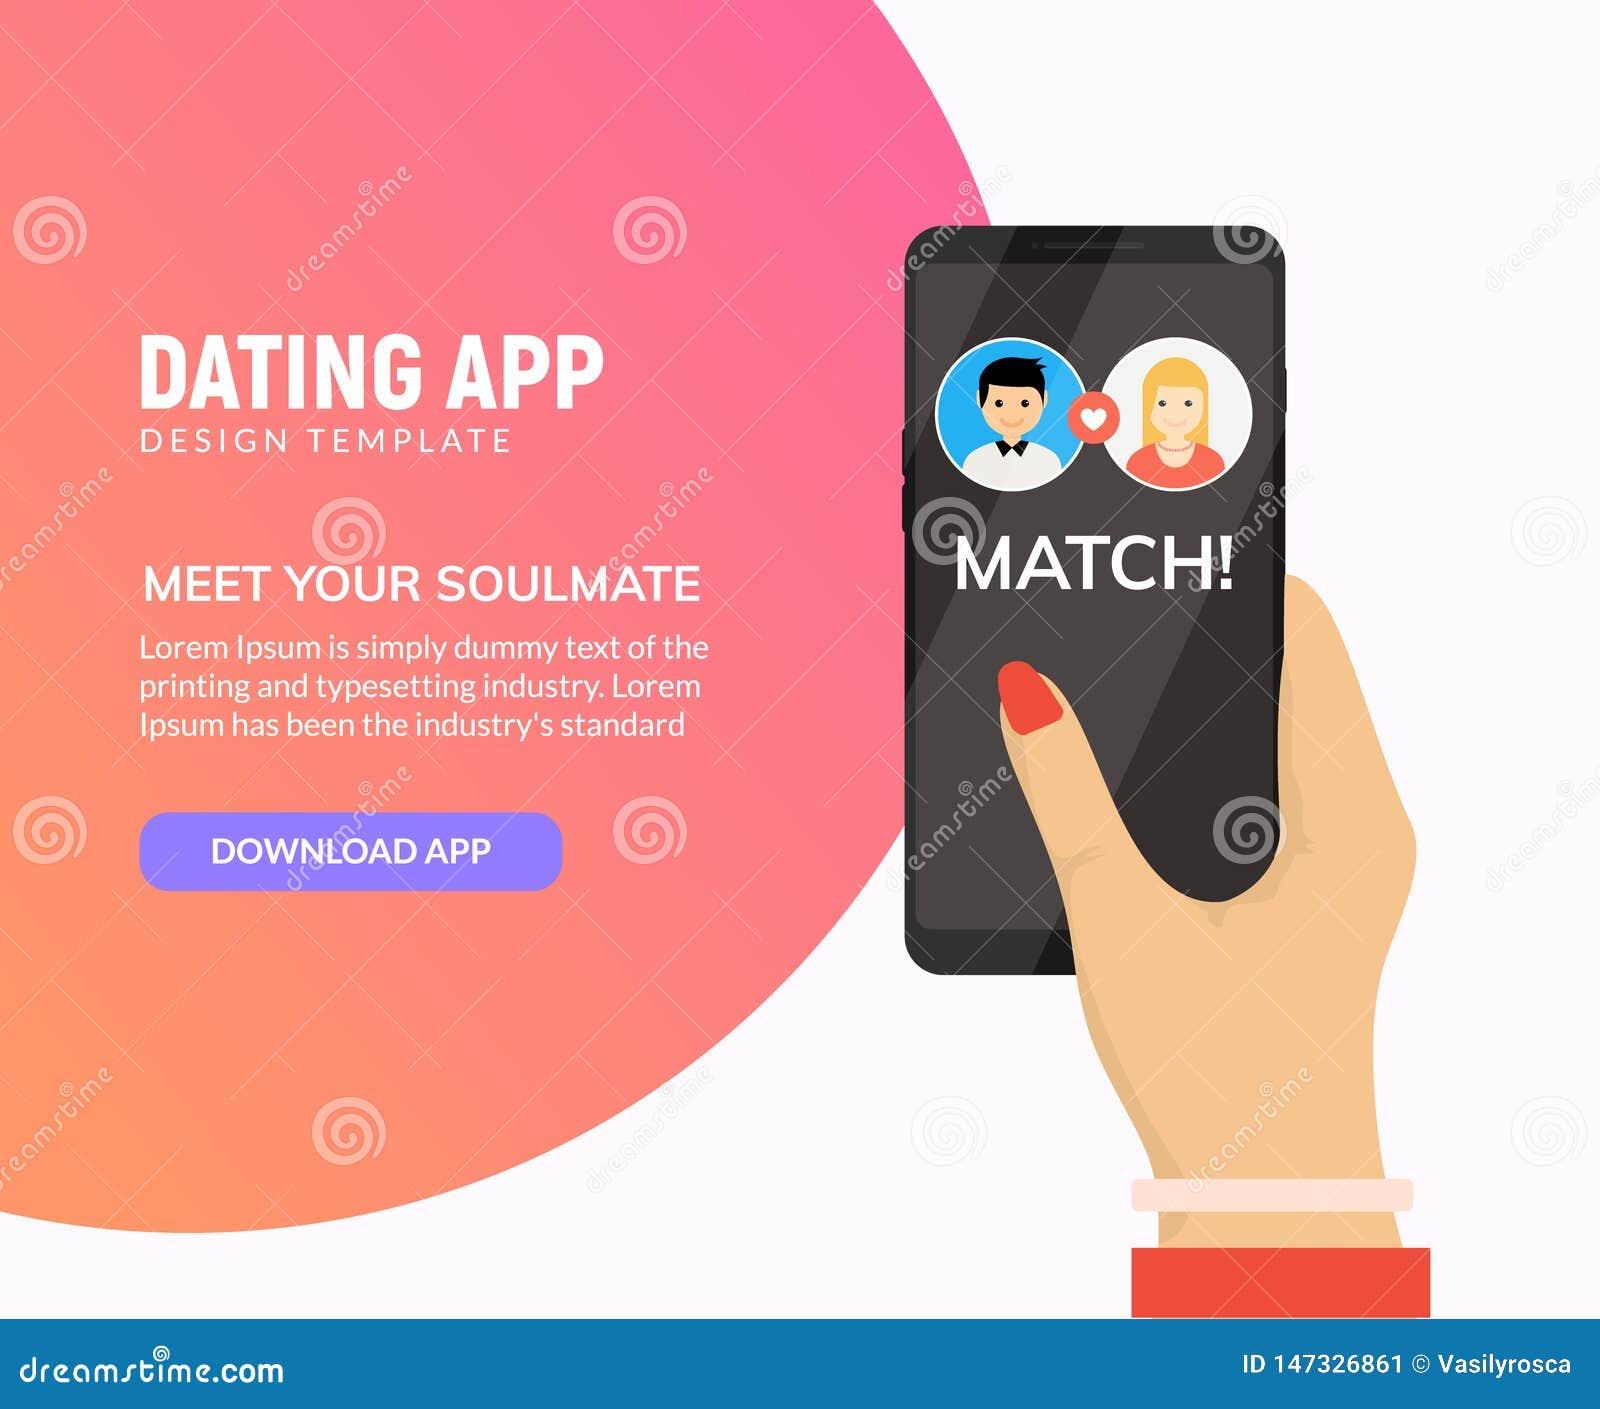 plano dating